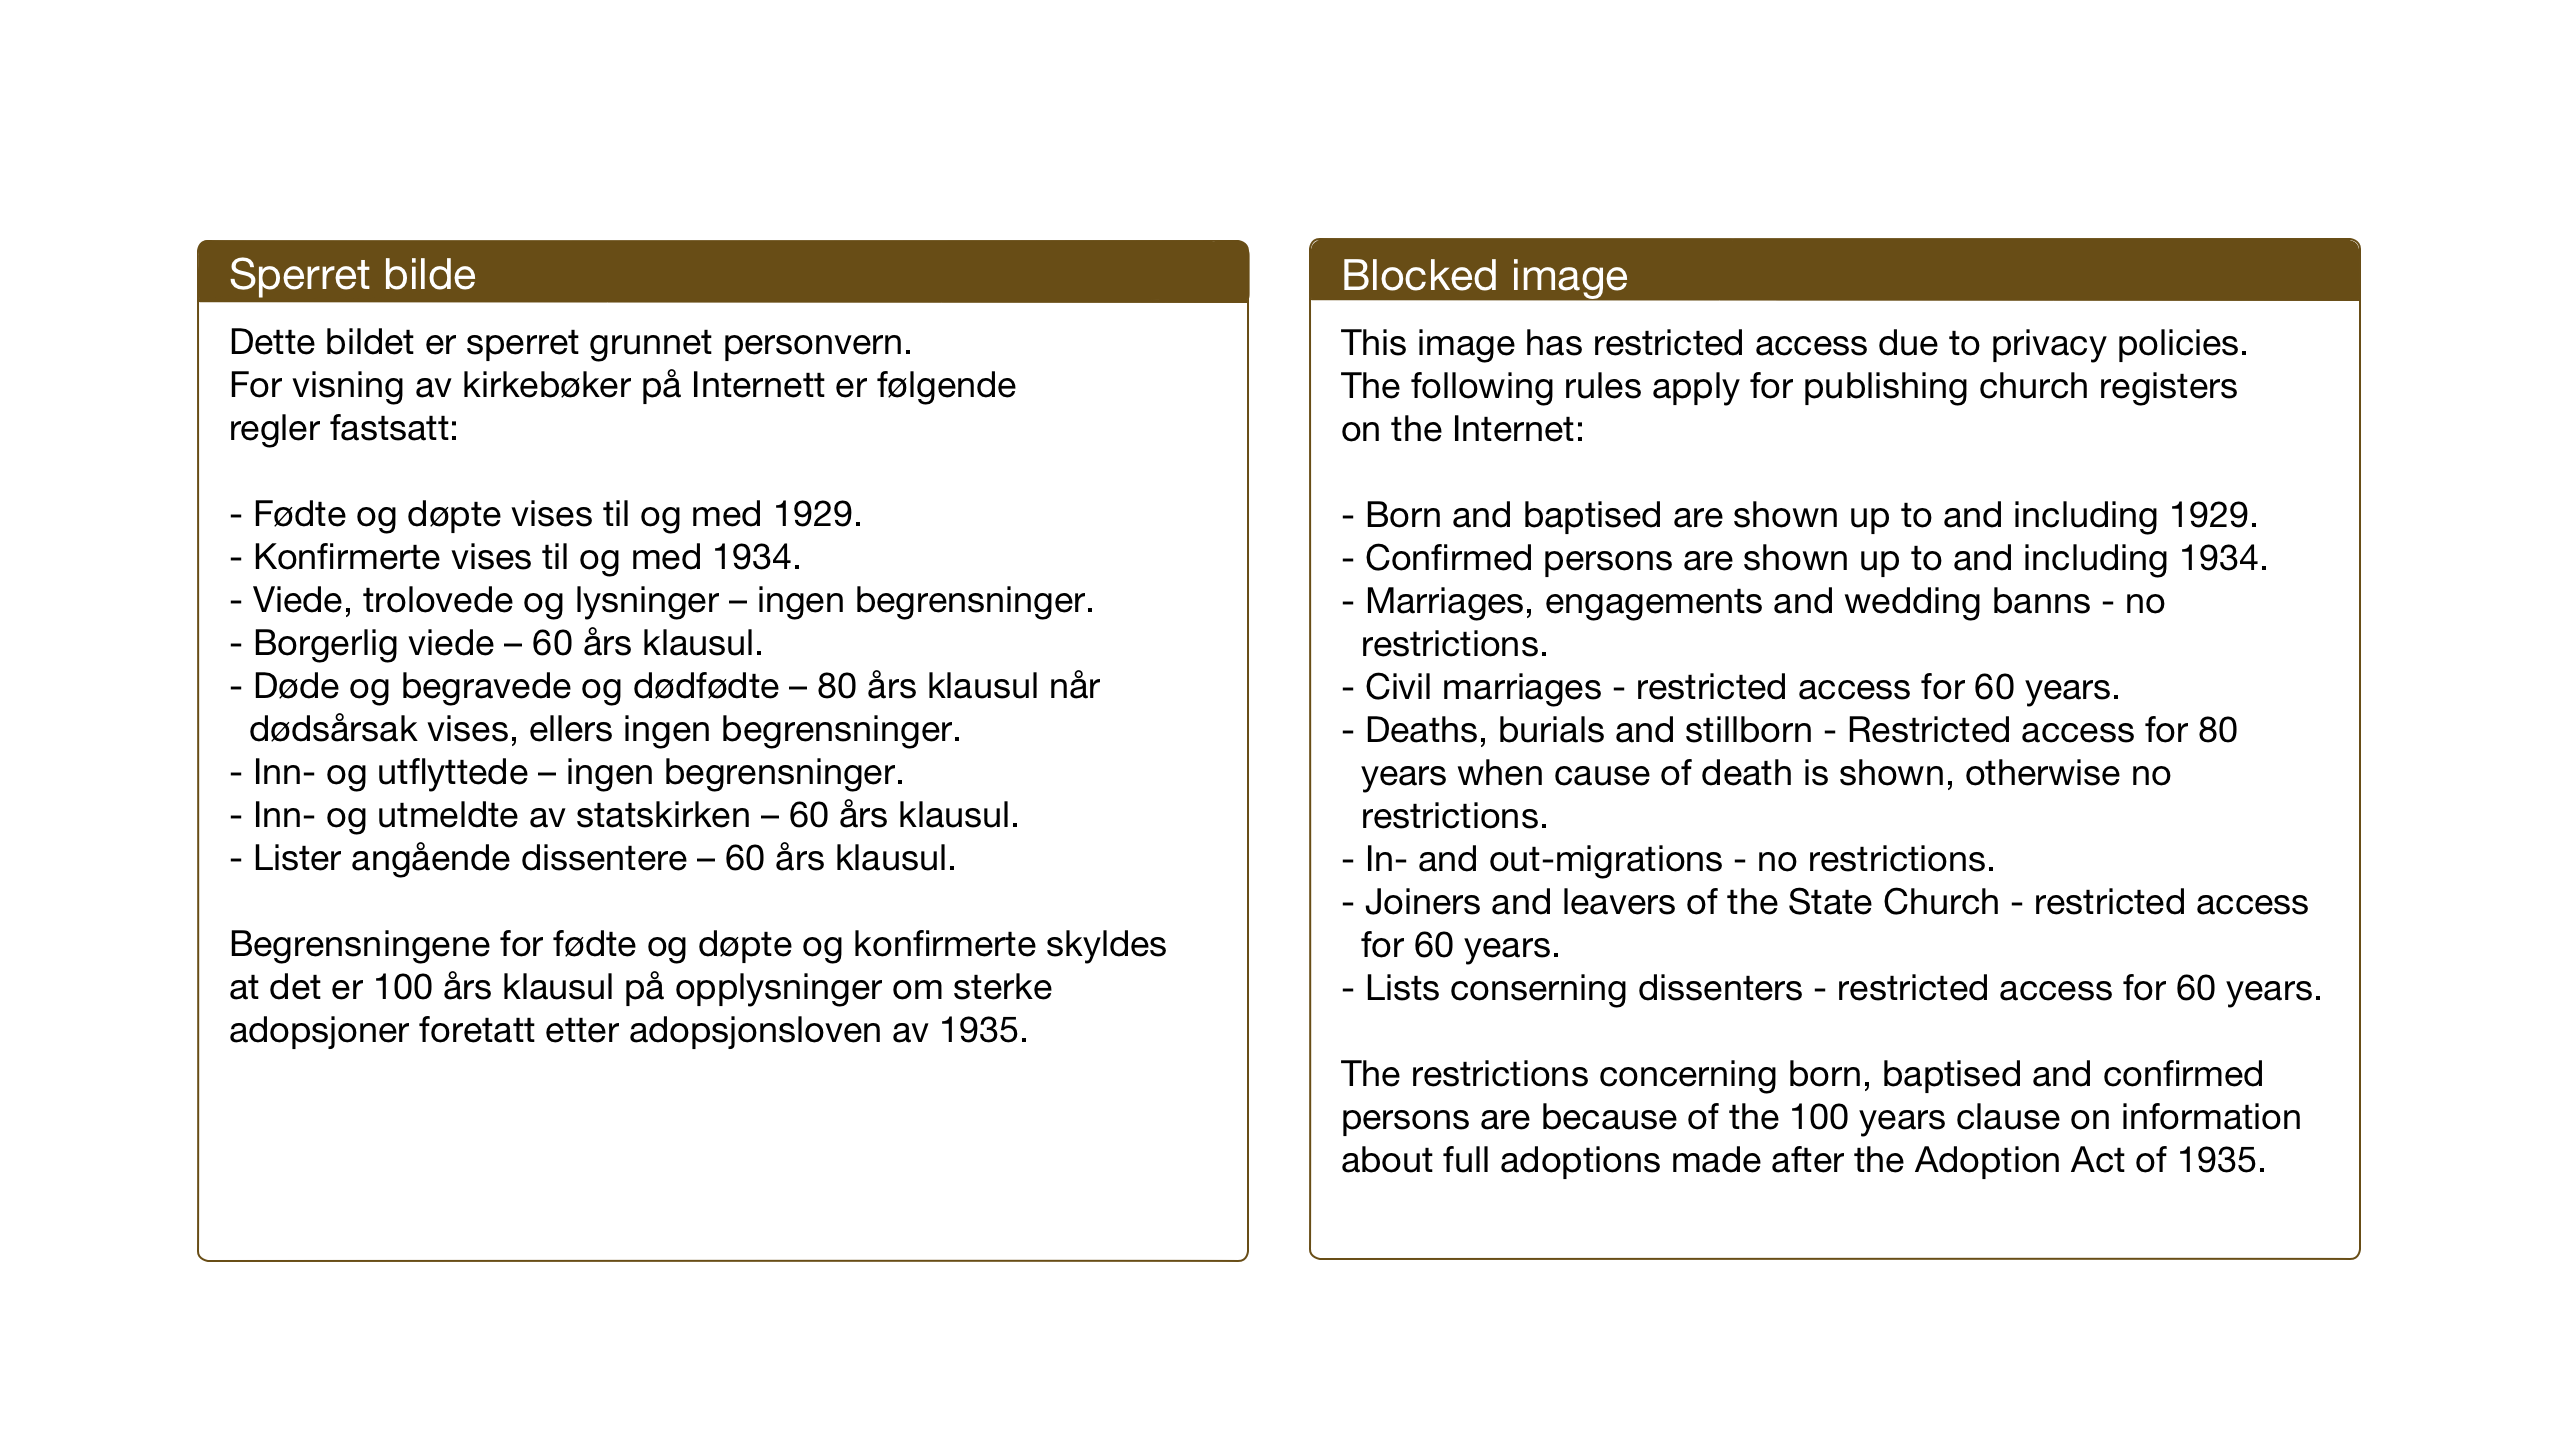 SAT, Ministerialprotokoller, klokkerbøker og fødselsregistre - Sør-Trøndelag, 667/L0799: Klokkerbok nr. 667C04, 1929-1950, s. 16